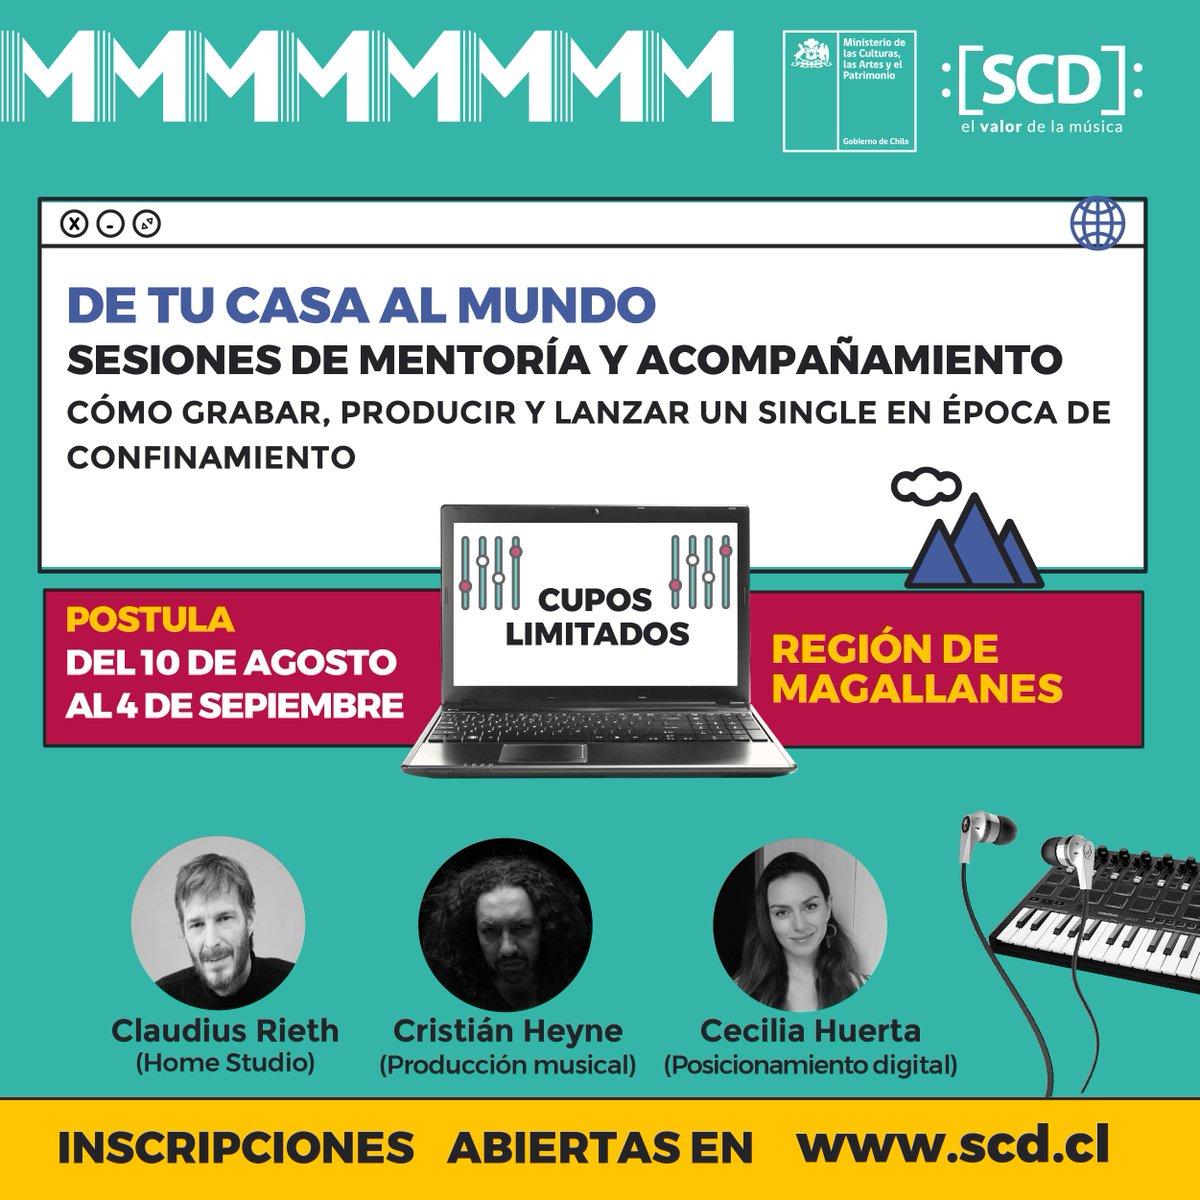 test Twitter Media - ❕ATENCIÓN REGIÓN DE #MAGALLANES. ✅ ¿CÓMO POSTULO? 📲💻 Ingresando a https://t.co/1qw8YzCsNg De tu 🏡 al 🌎: Sé parte de una mentoría totalmente gratuita con la que podrás trabajar parte de tu música sin moverte de casa y en compañía de expertos de la #músicachilena 🔊 https://t.co/q8qm3hxFR7